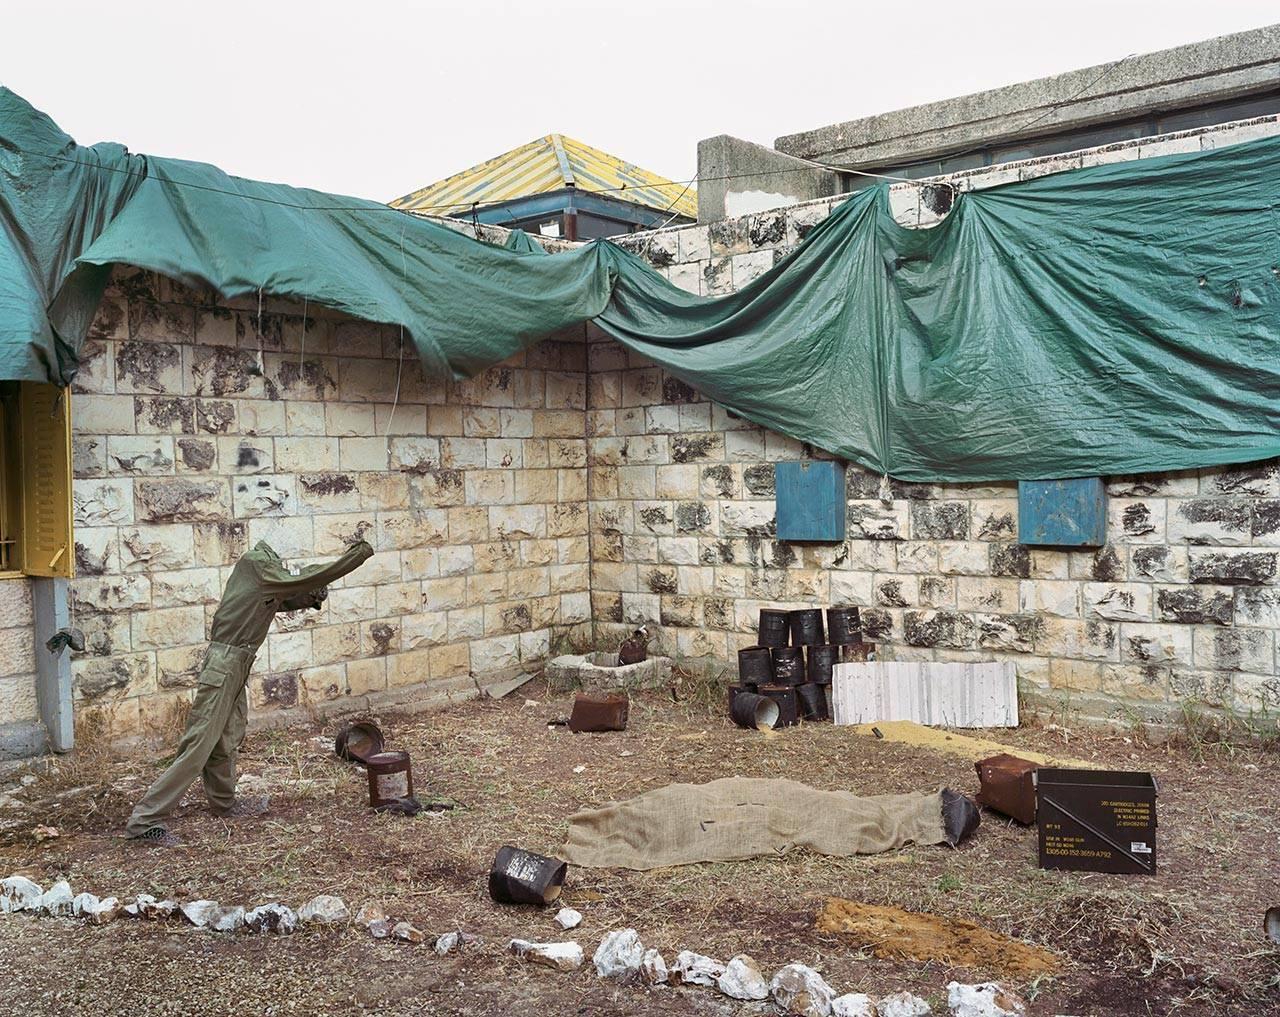 התערוכה השנתית (שבט מצדה), 2010